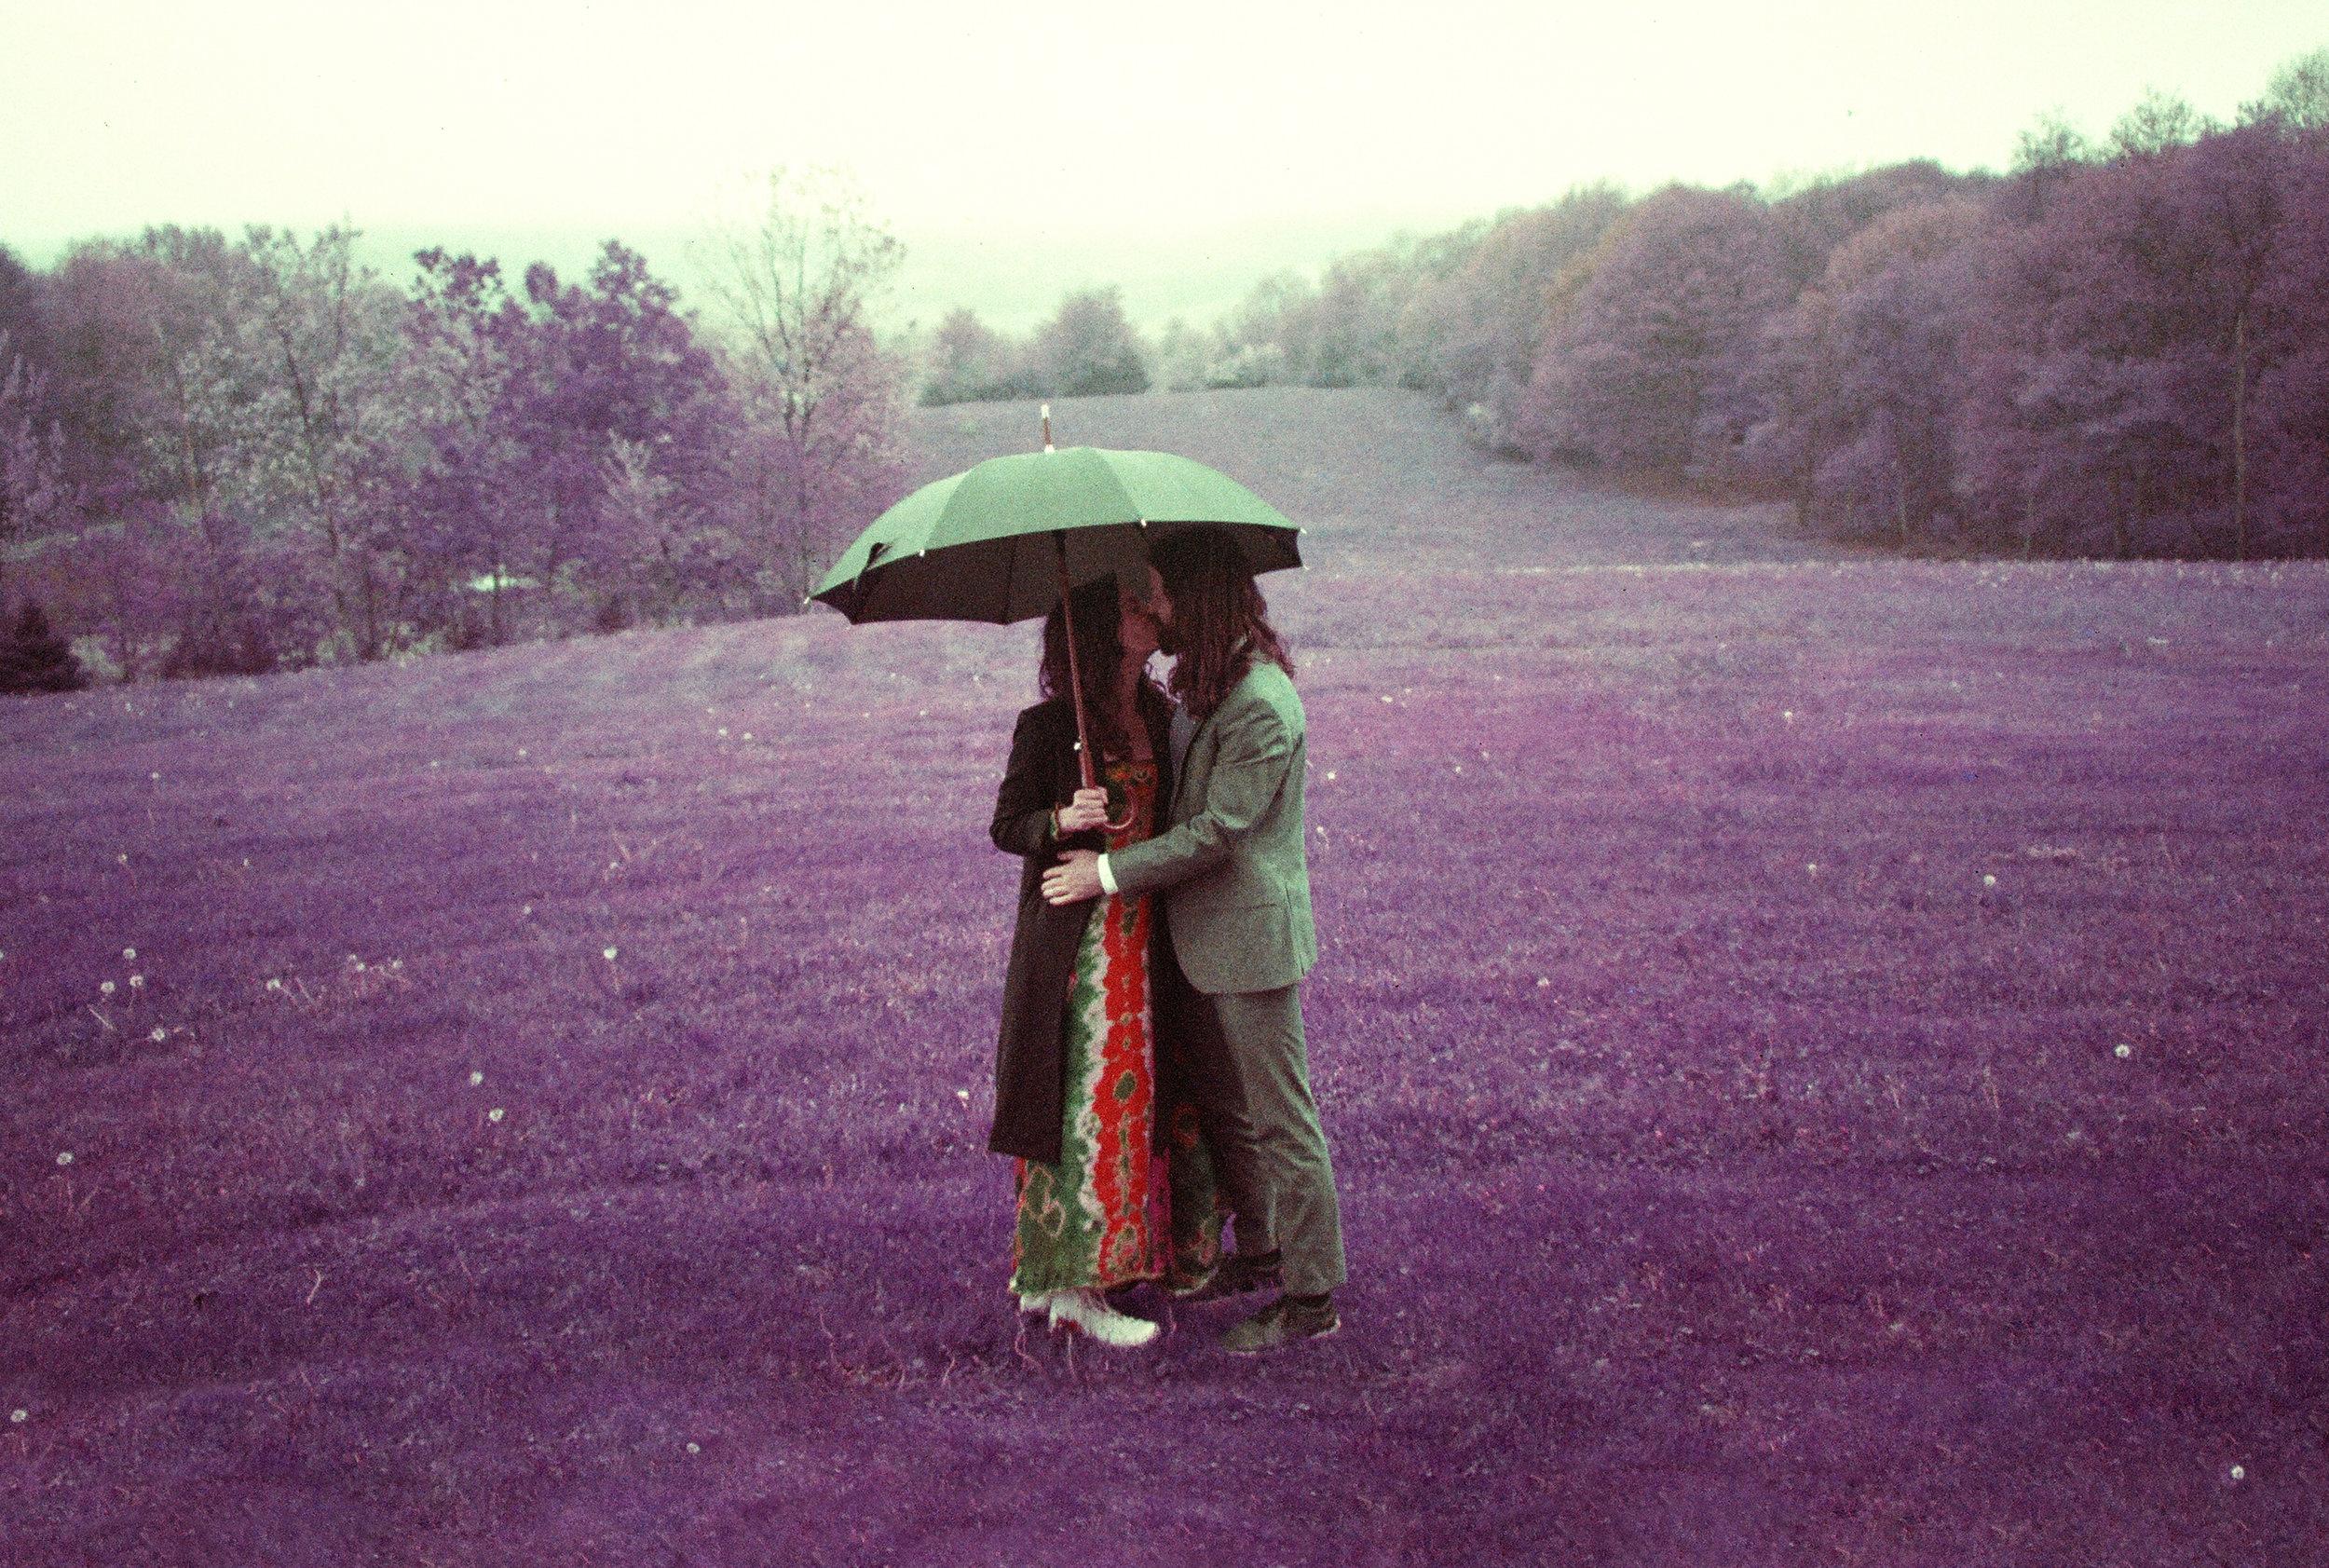 WeddingLove_SATURDAYSchedule.jpg